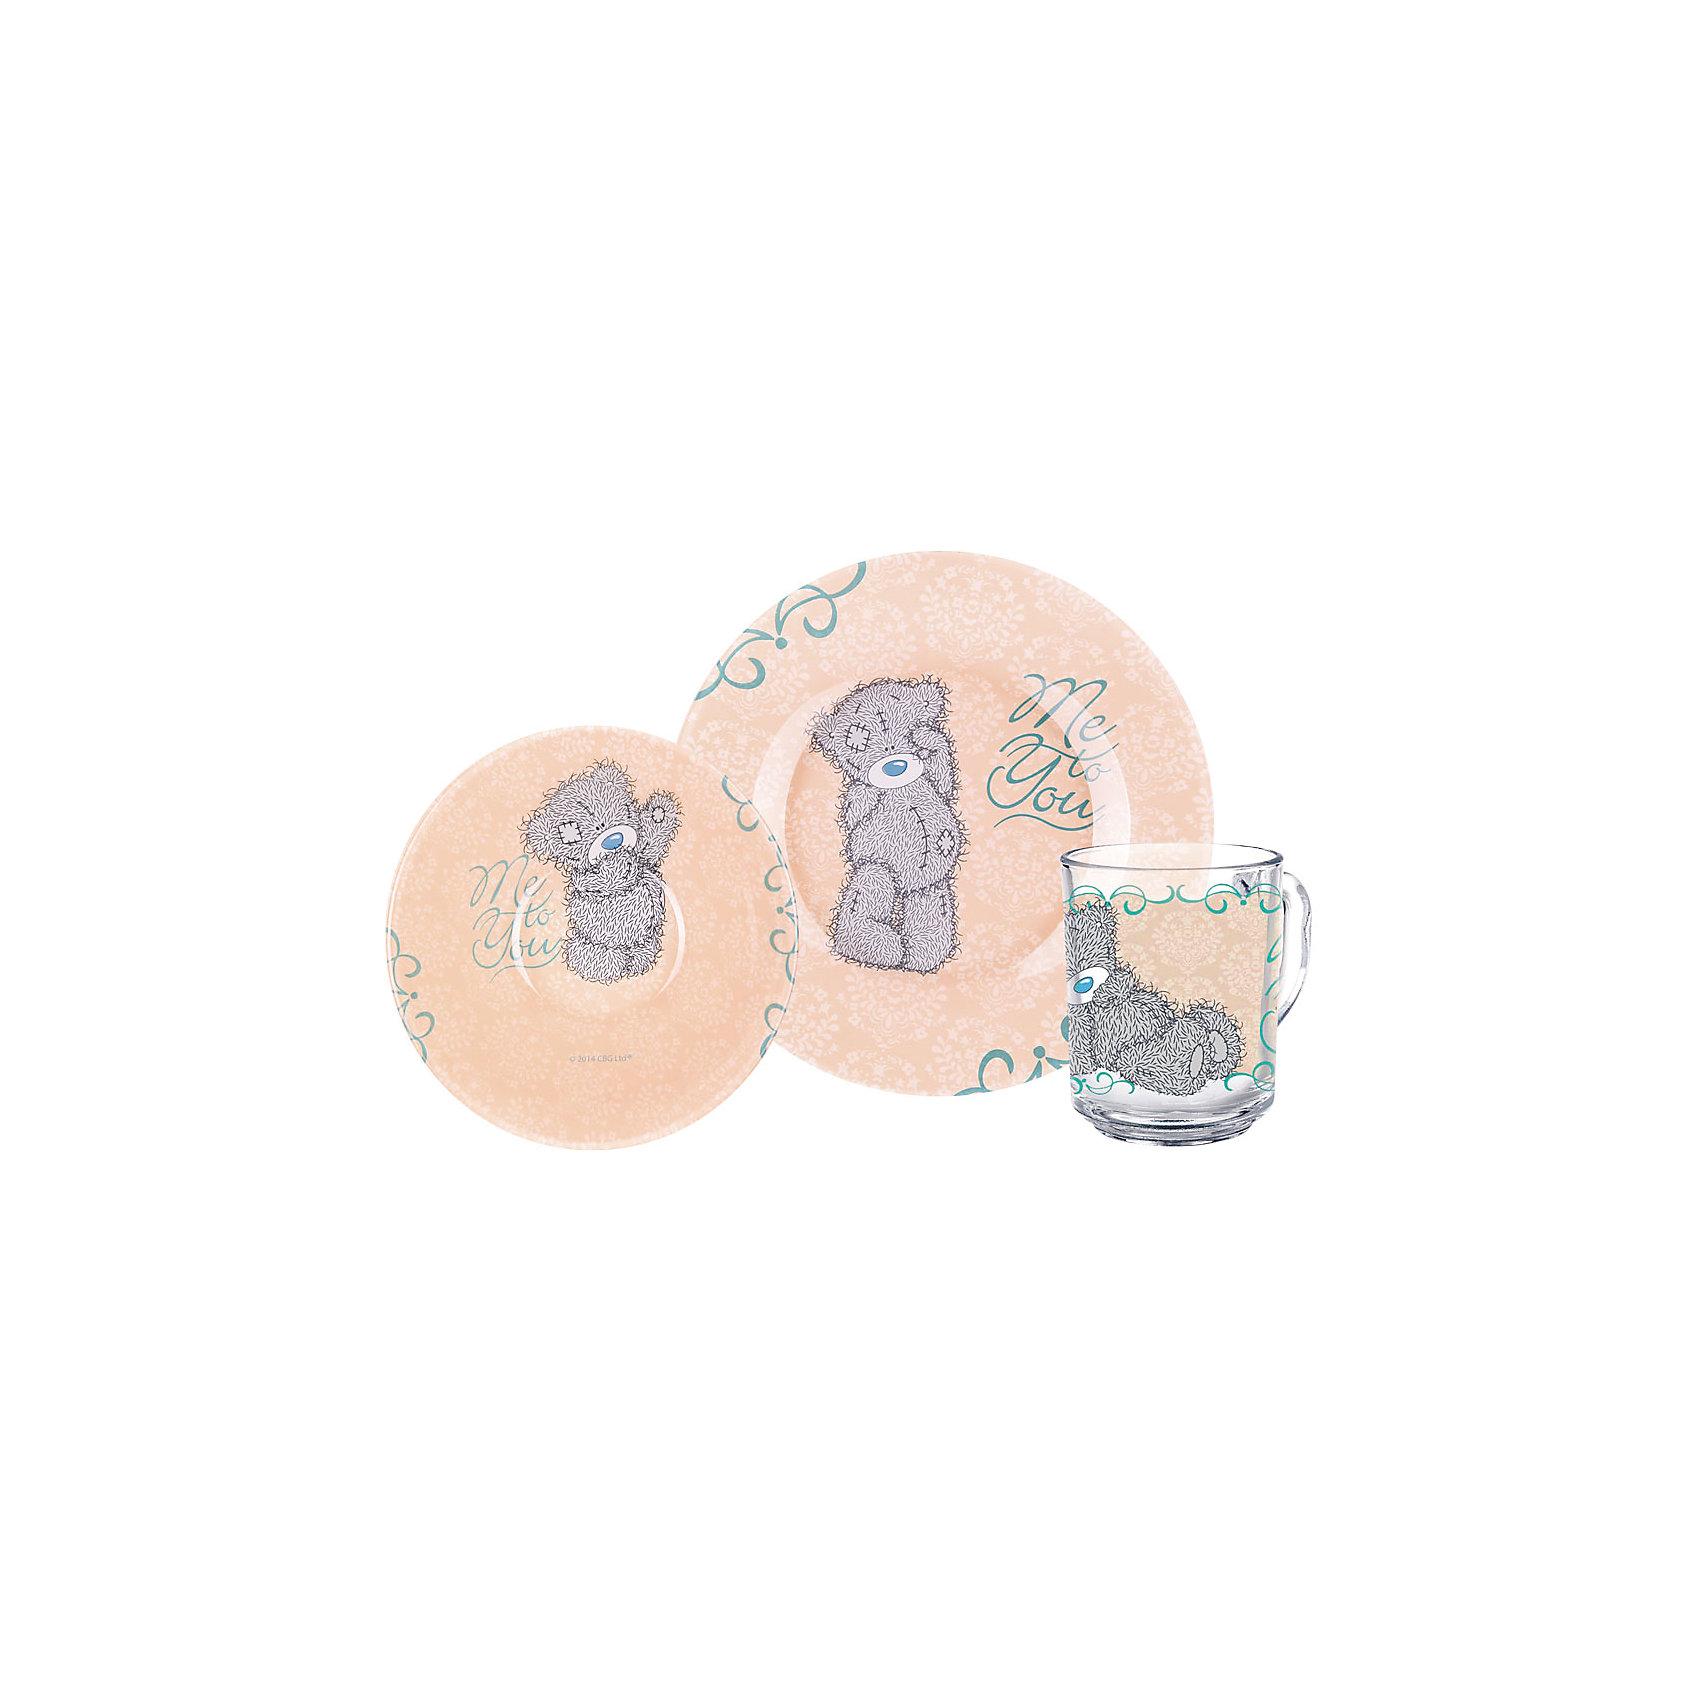 МФК-профит Набор посуды Барокко (3 предмета, стекло), Me to You футболка для беременных printio мишка me to you